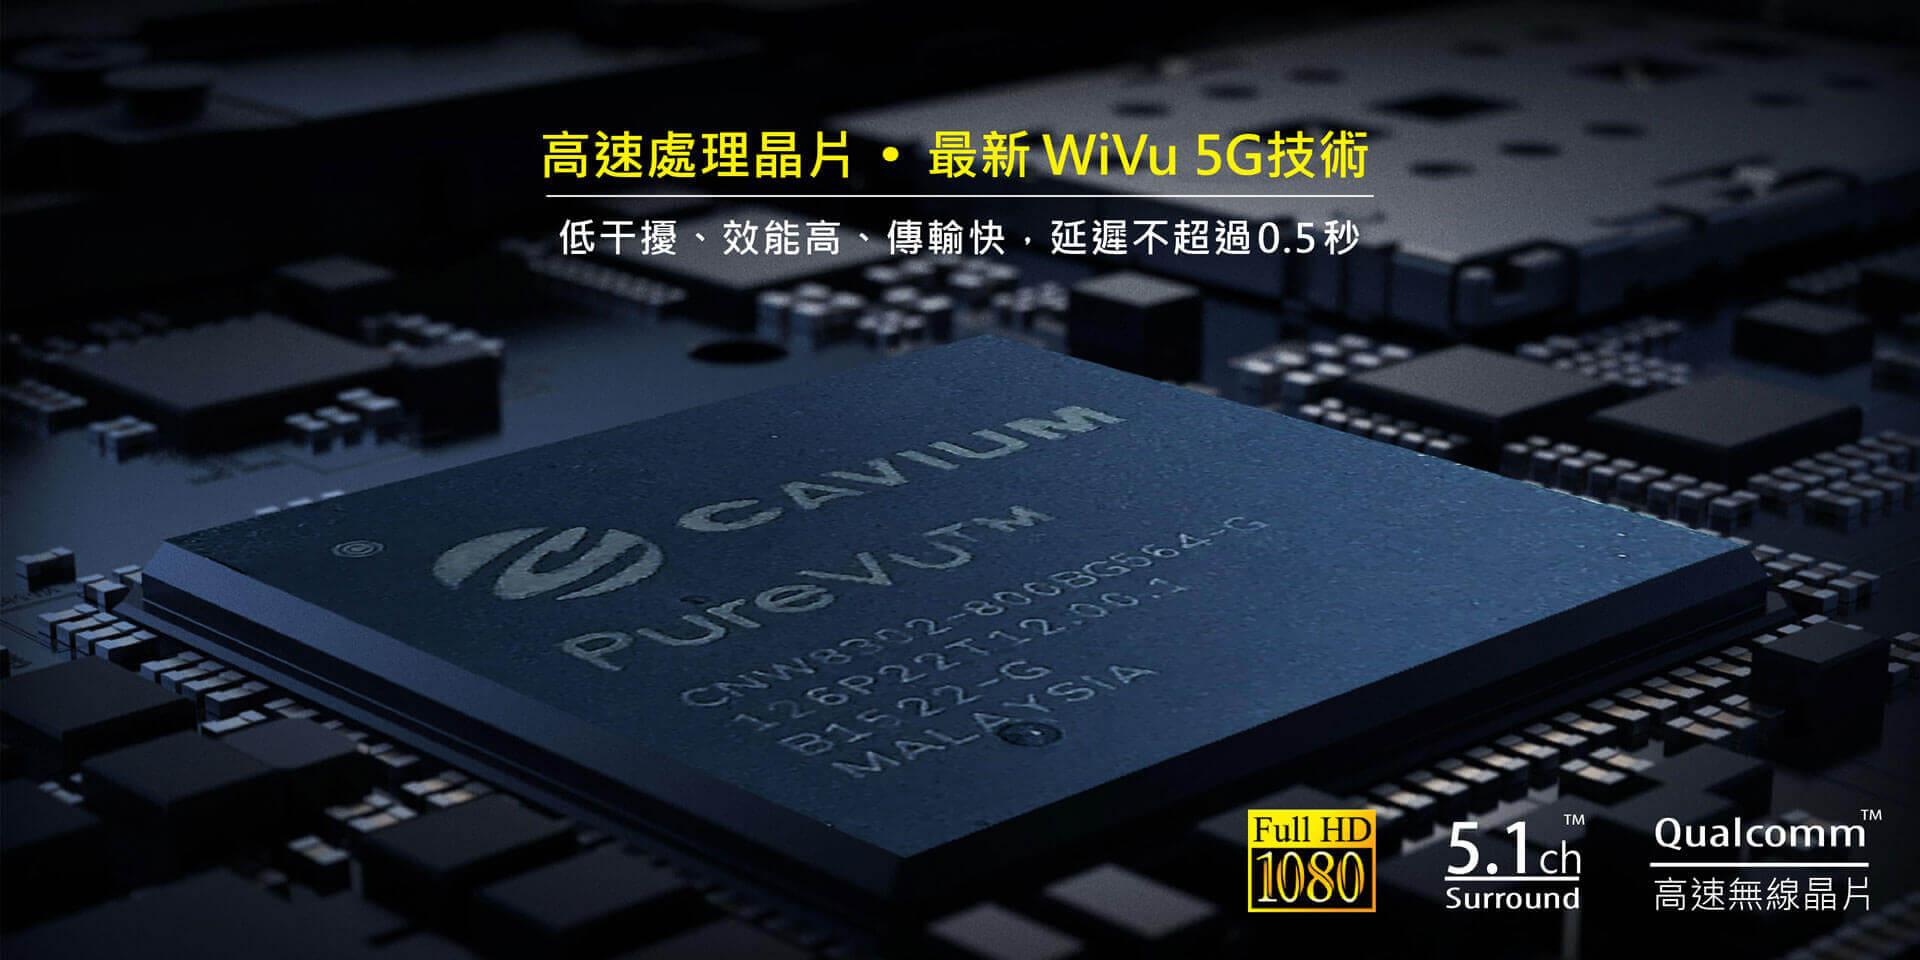 proimages/product/pro-02/pro02-004/WTR-5000/WTR-5000-16.jpg